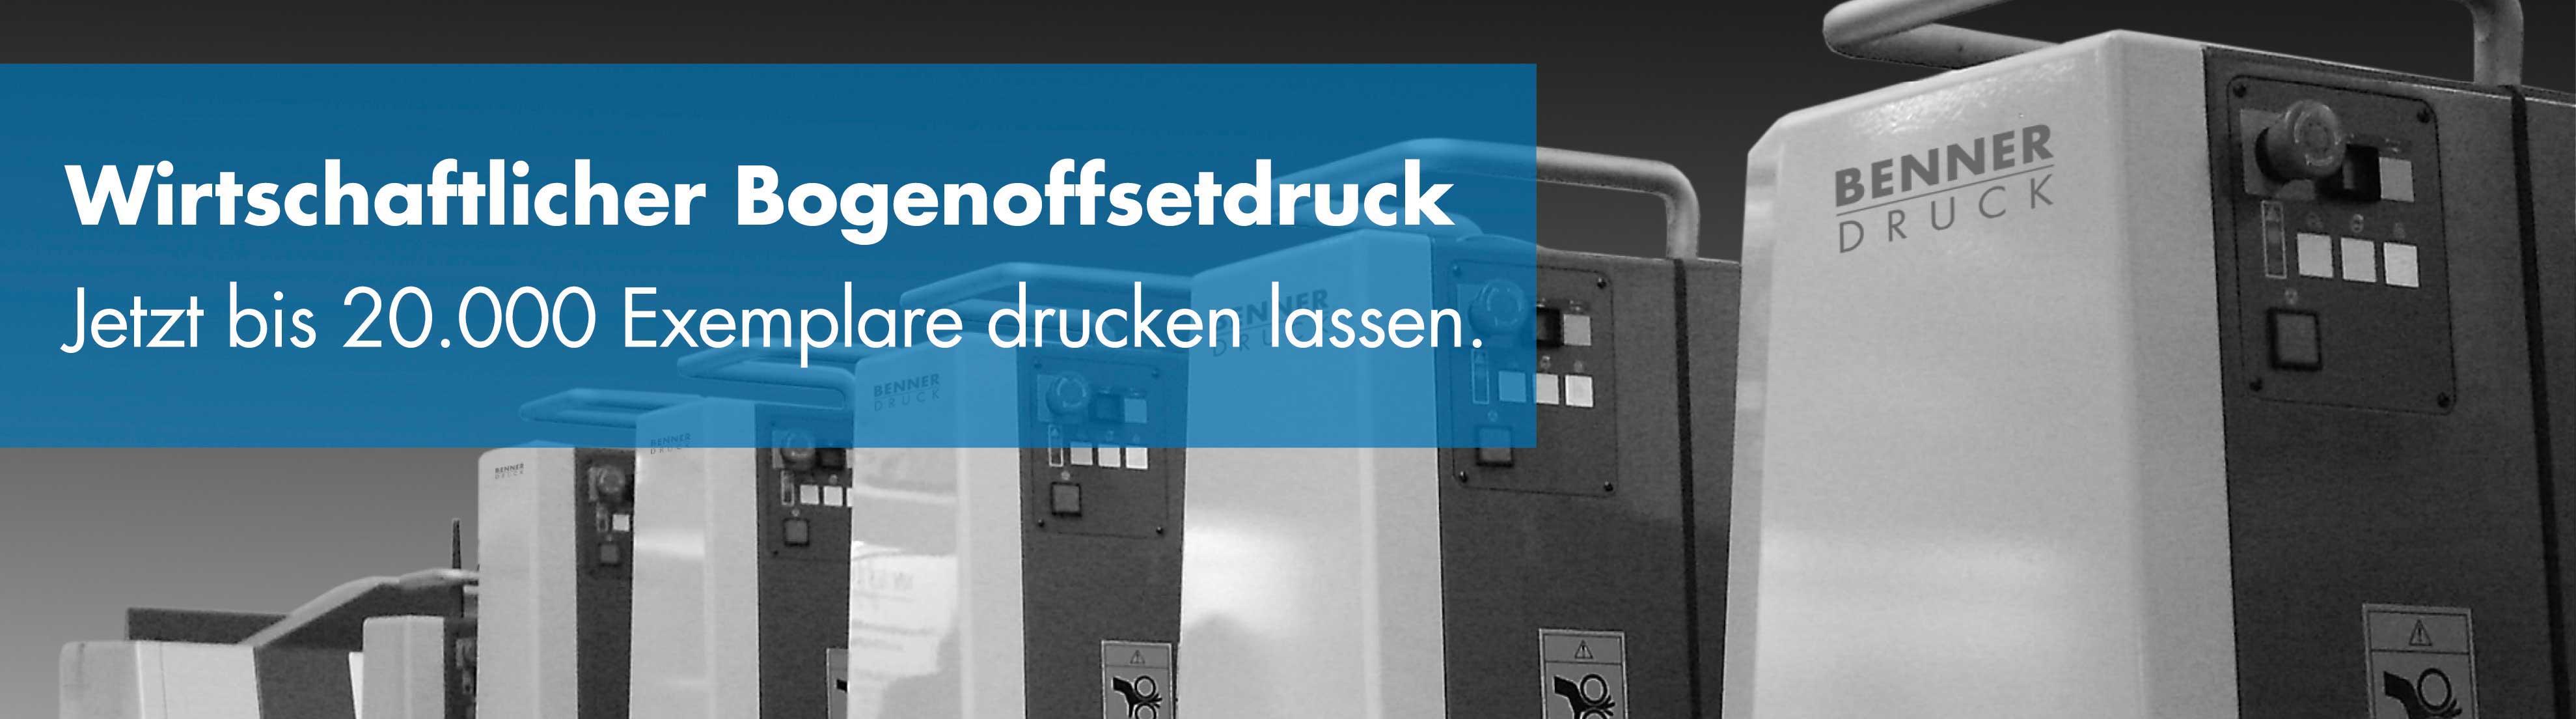 Druckerei_Wittgenstein_Offsetdruck